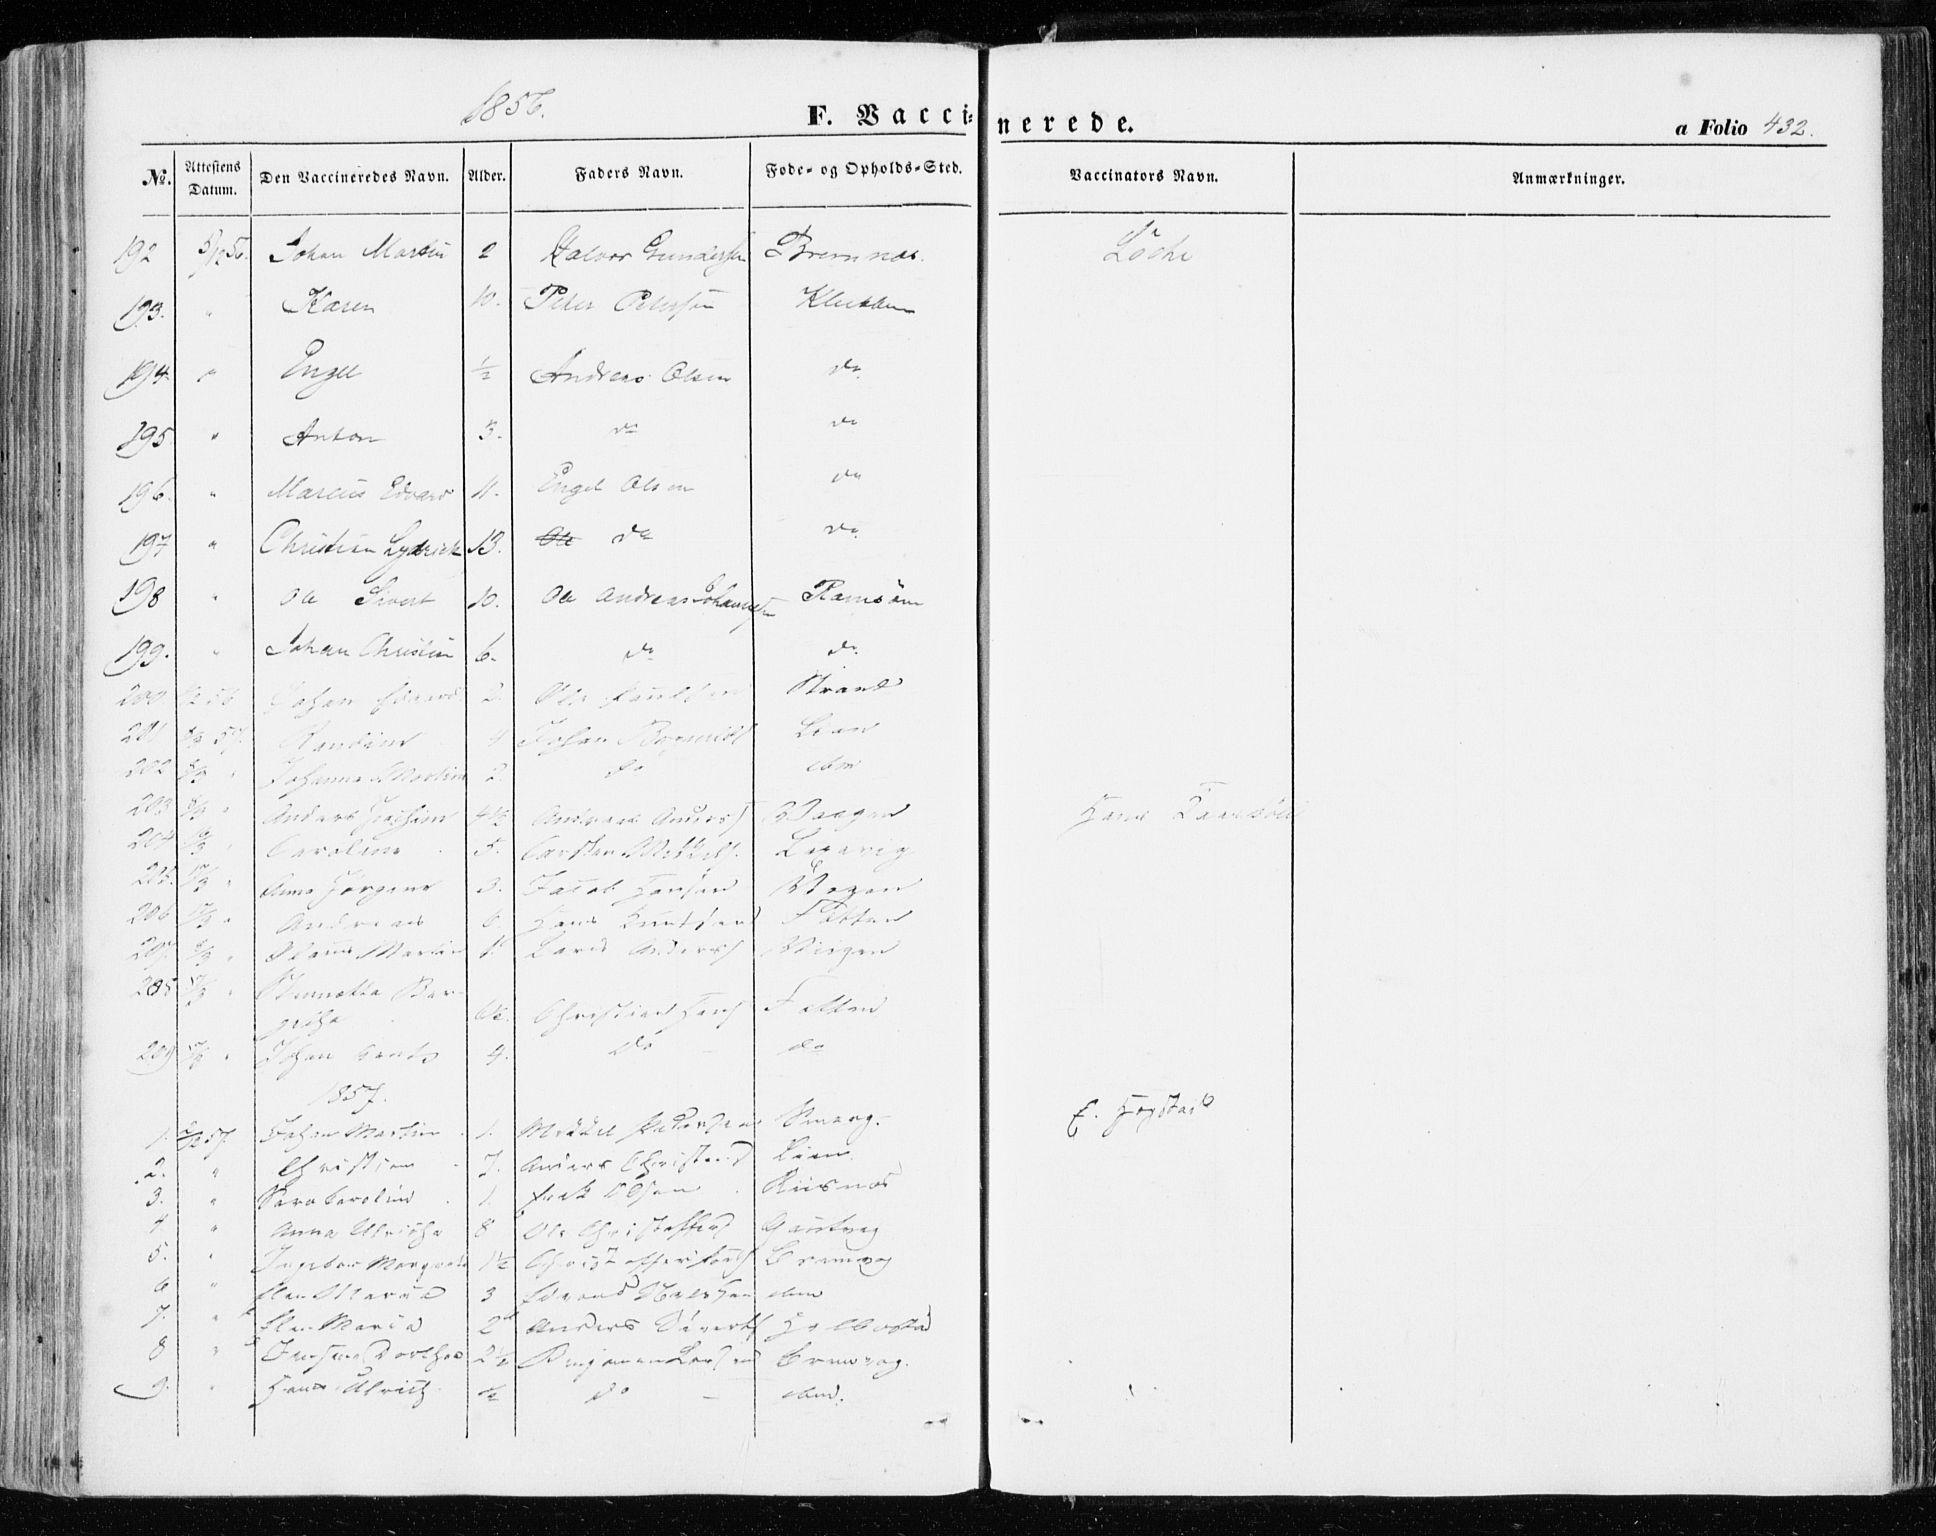 SAT, Ministerialprotokoller, klokkerbøker og fødselsregistre - Sør-Trøndelag, 634/L0530: Ministerialbok nr. 634A06, 1852-1860, s. 432